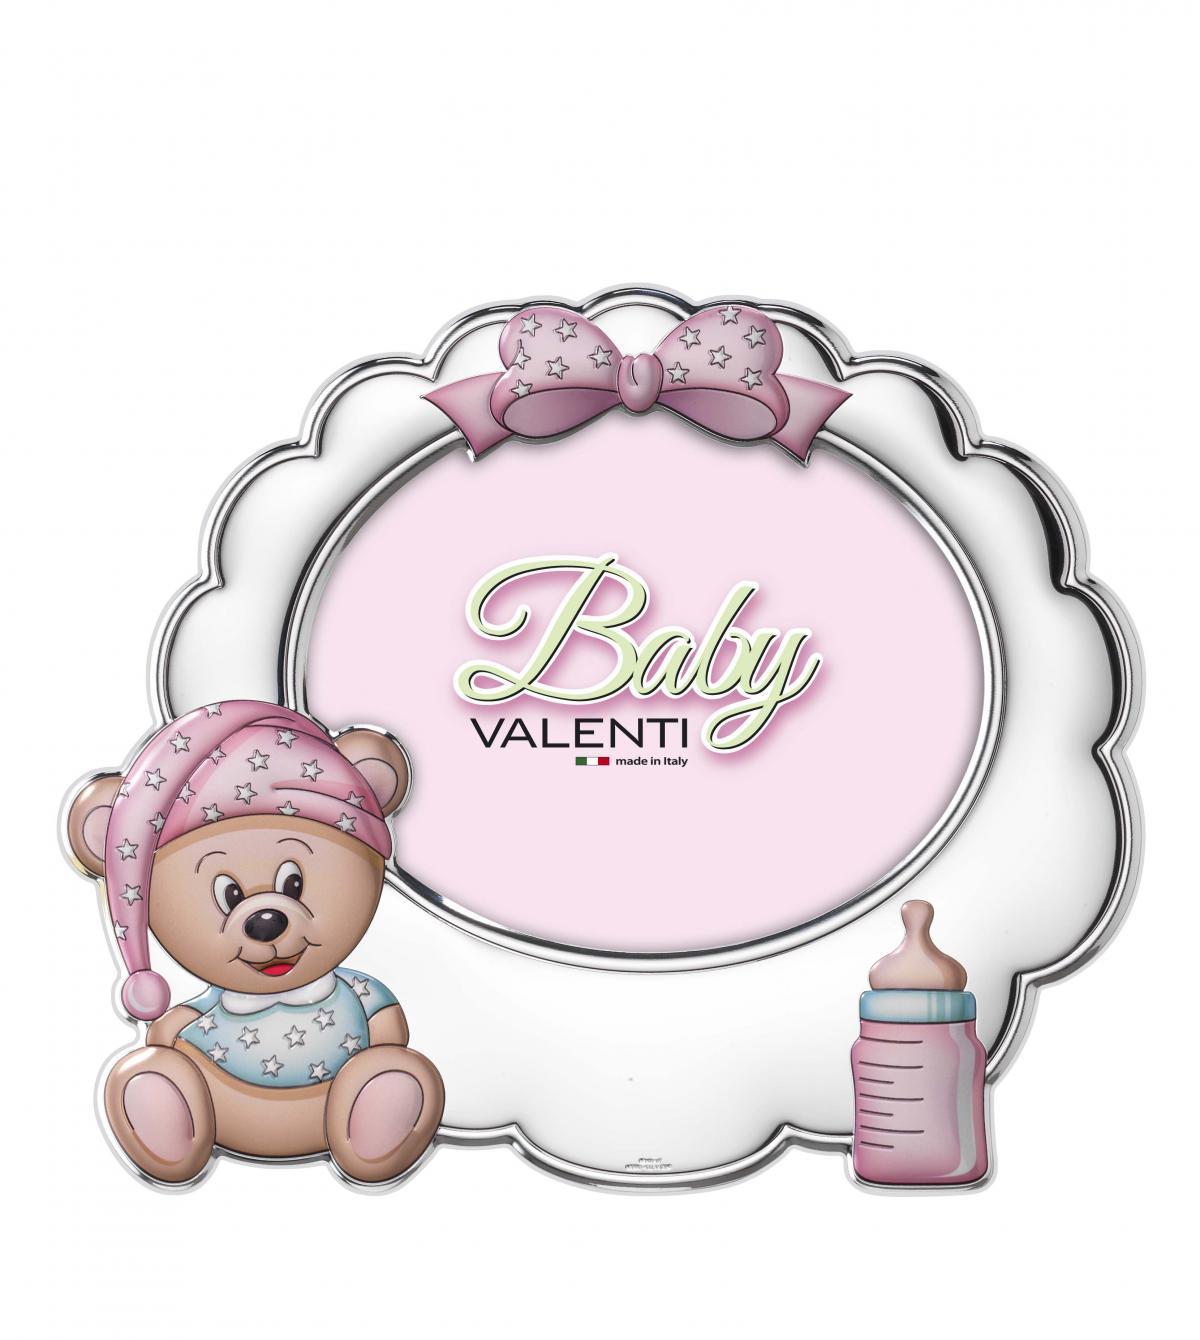 Фоторамка дитяча ``Teddy`` 71612.3L.RA